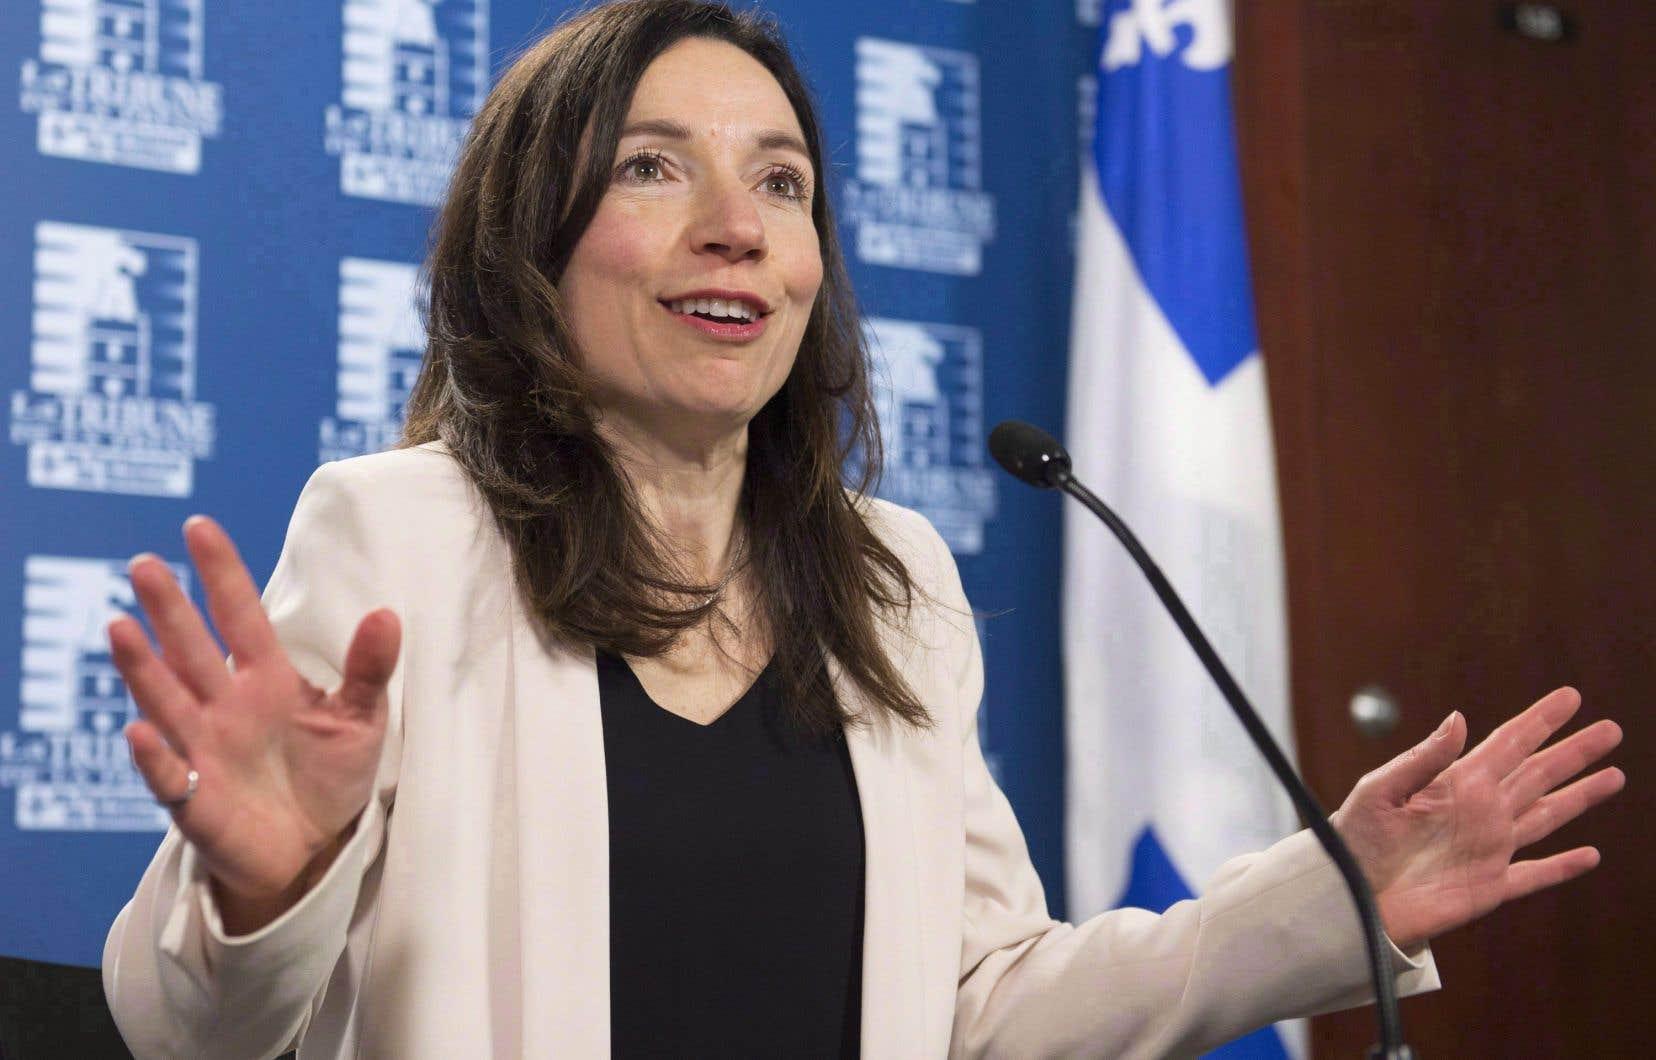 Lundi dernier, une crise entre une majorité de l'aile parlementaire du Bloc québécois et le camp de la chef Martine Ouellet a éclaté.